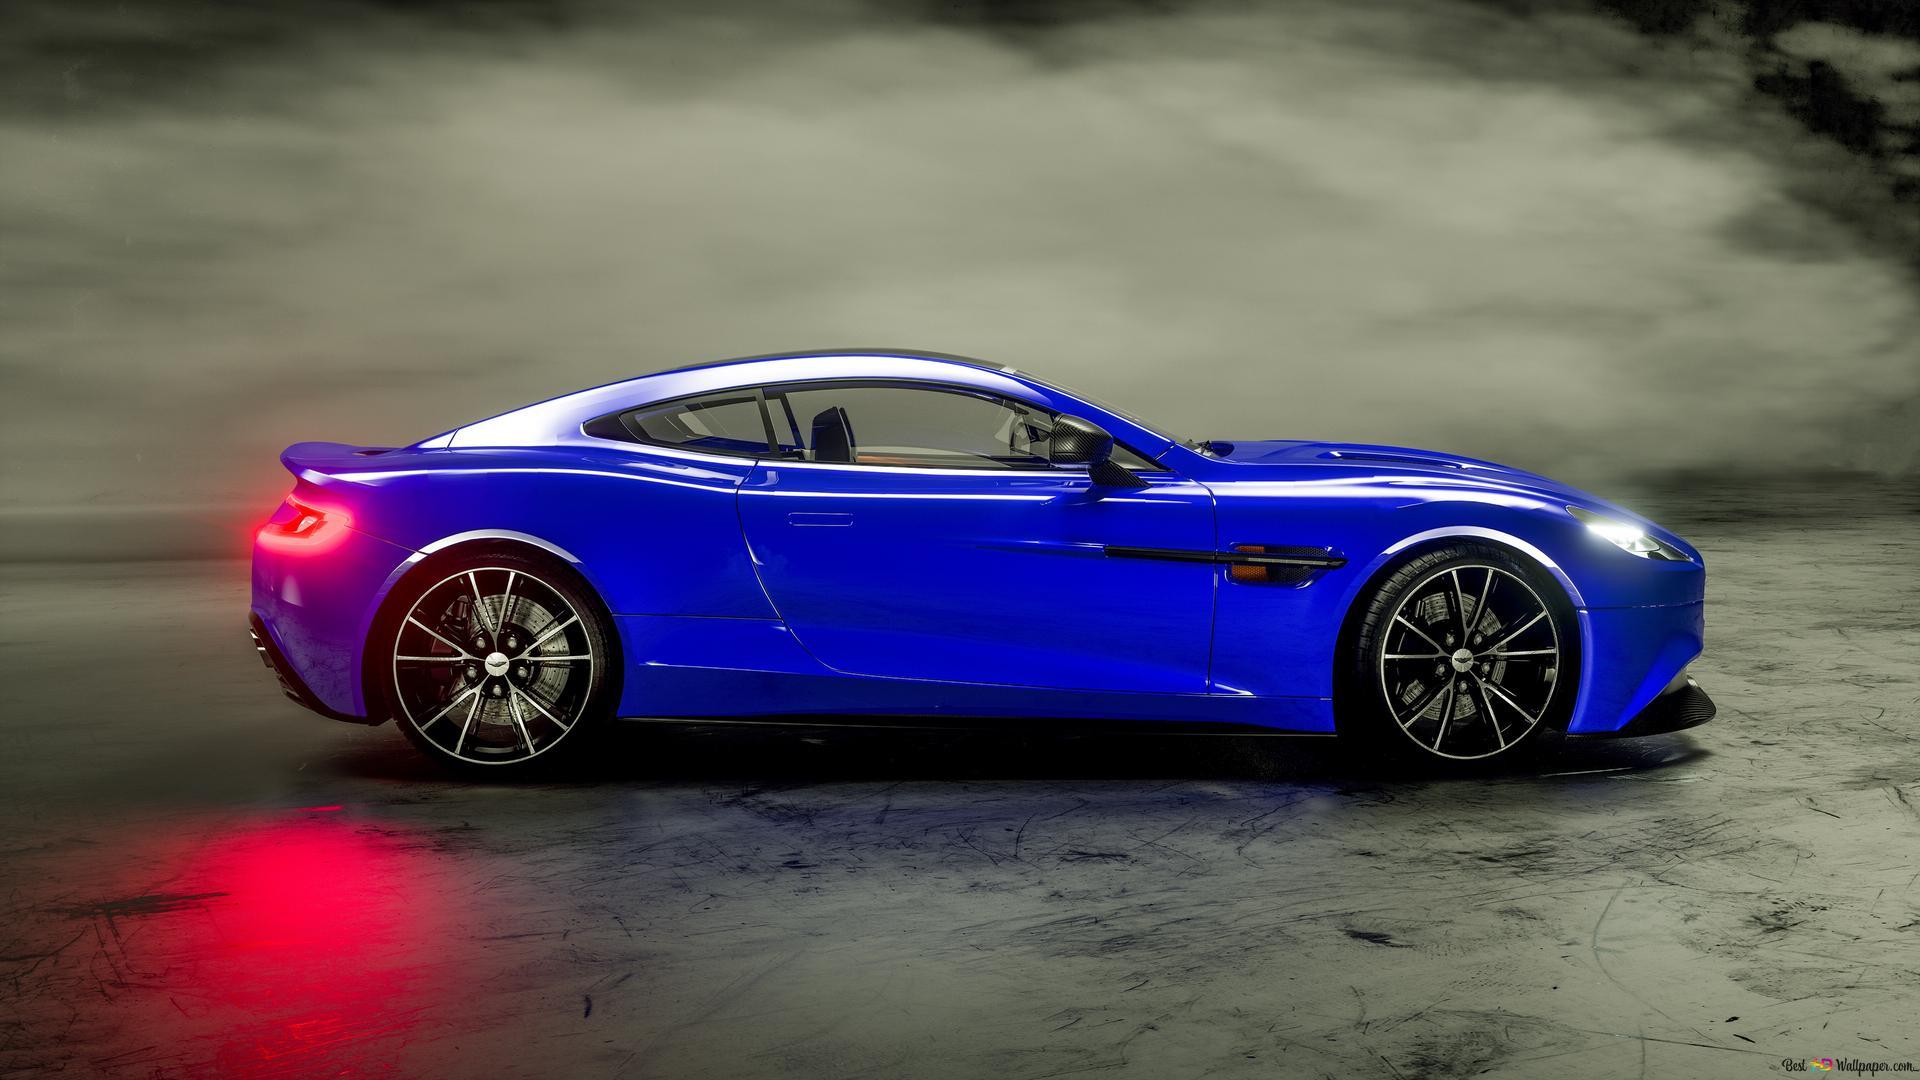 Descargar Fondo De Pantalla Aston Martin Vence Azul Hd